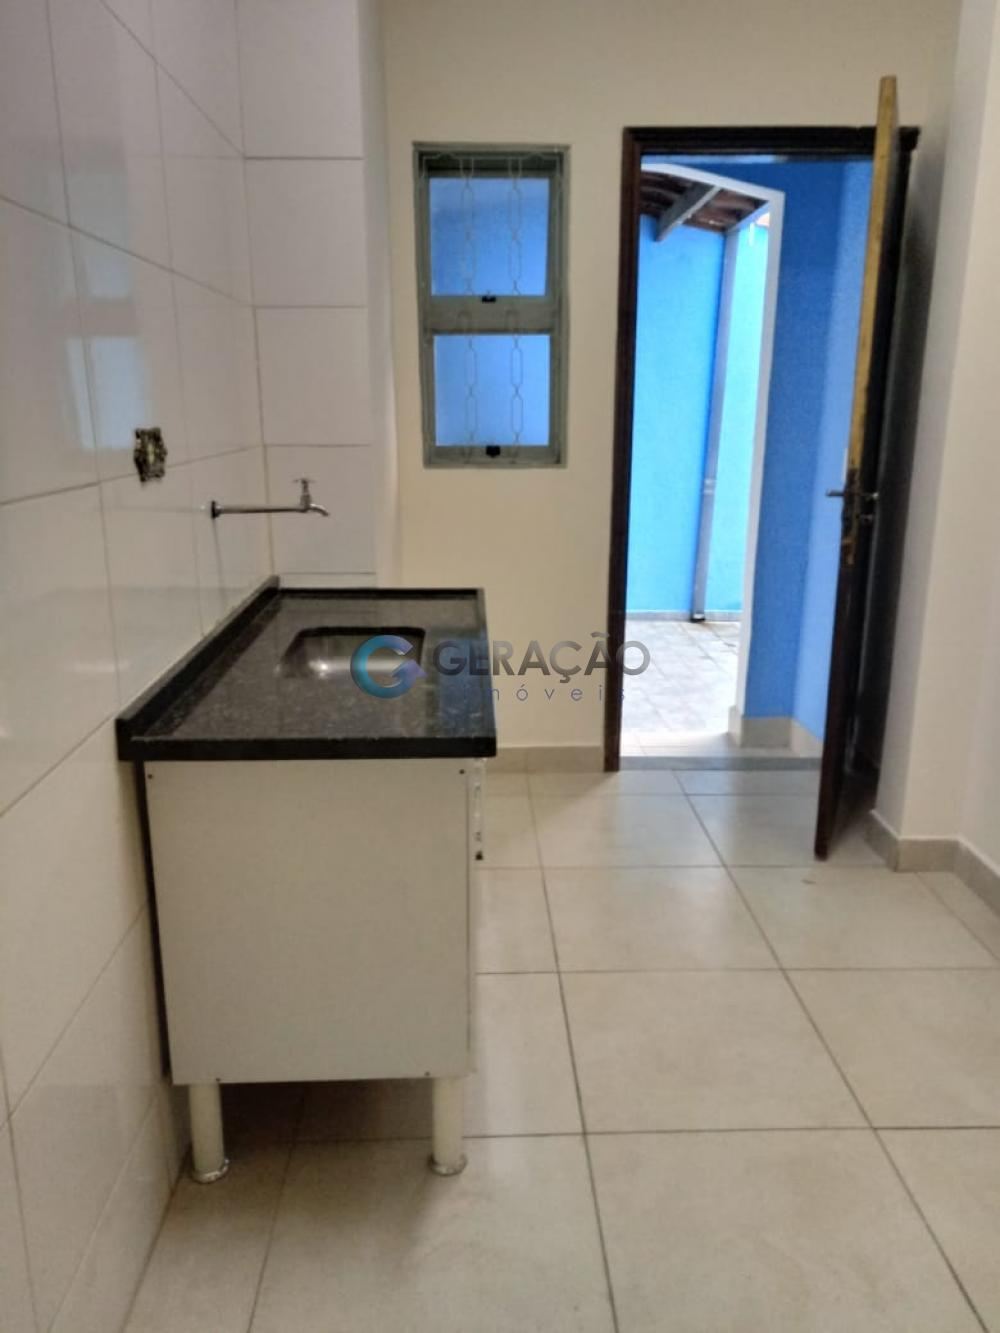 Alugar Comercial / Casa em São José dos Campos apenas R$ 4.500,00 - Foto 17